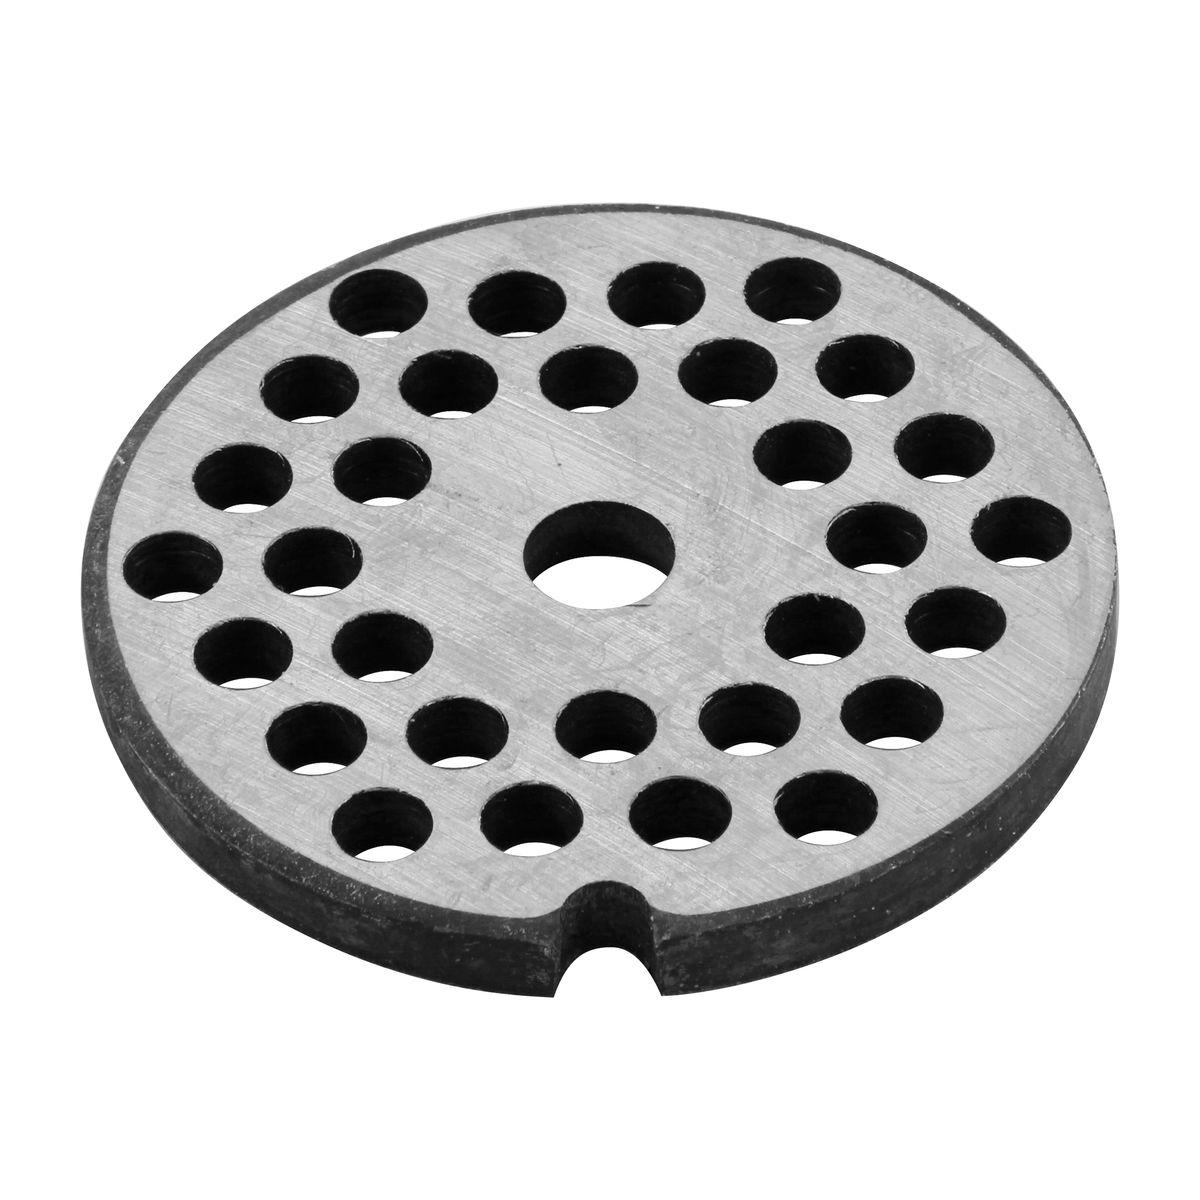 Accessoire grille pour hachoir manuel 6mm - Chevalier Diffusion